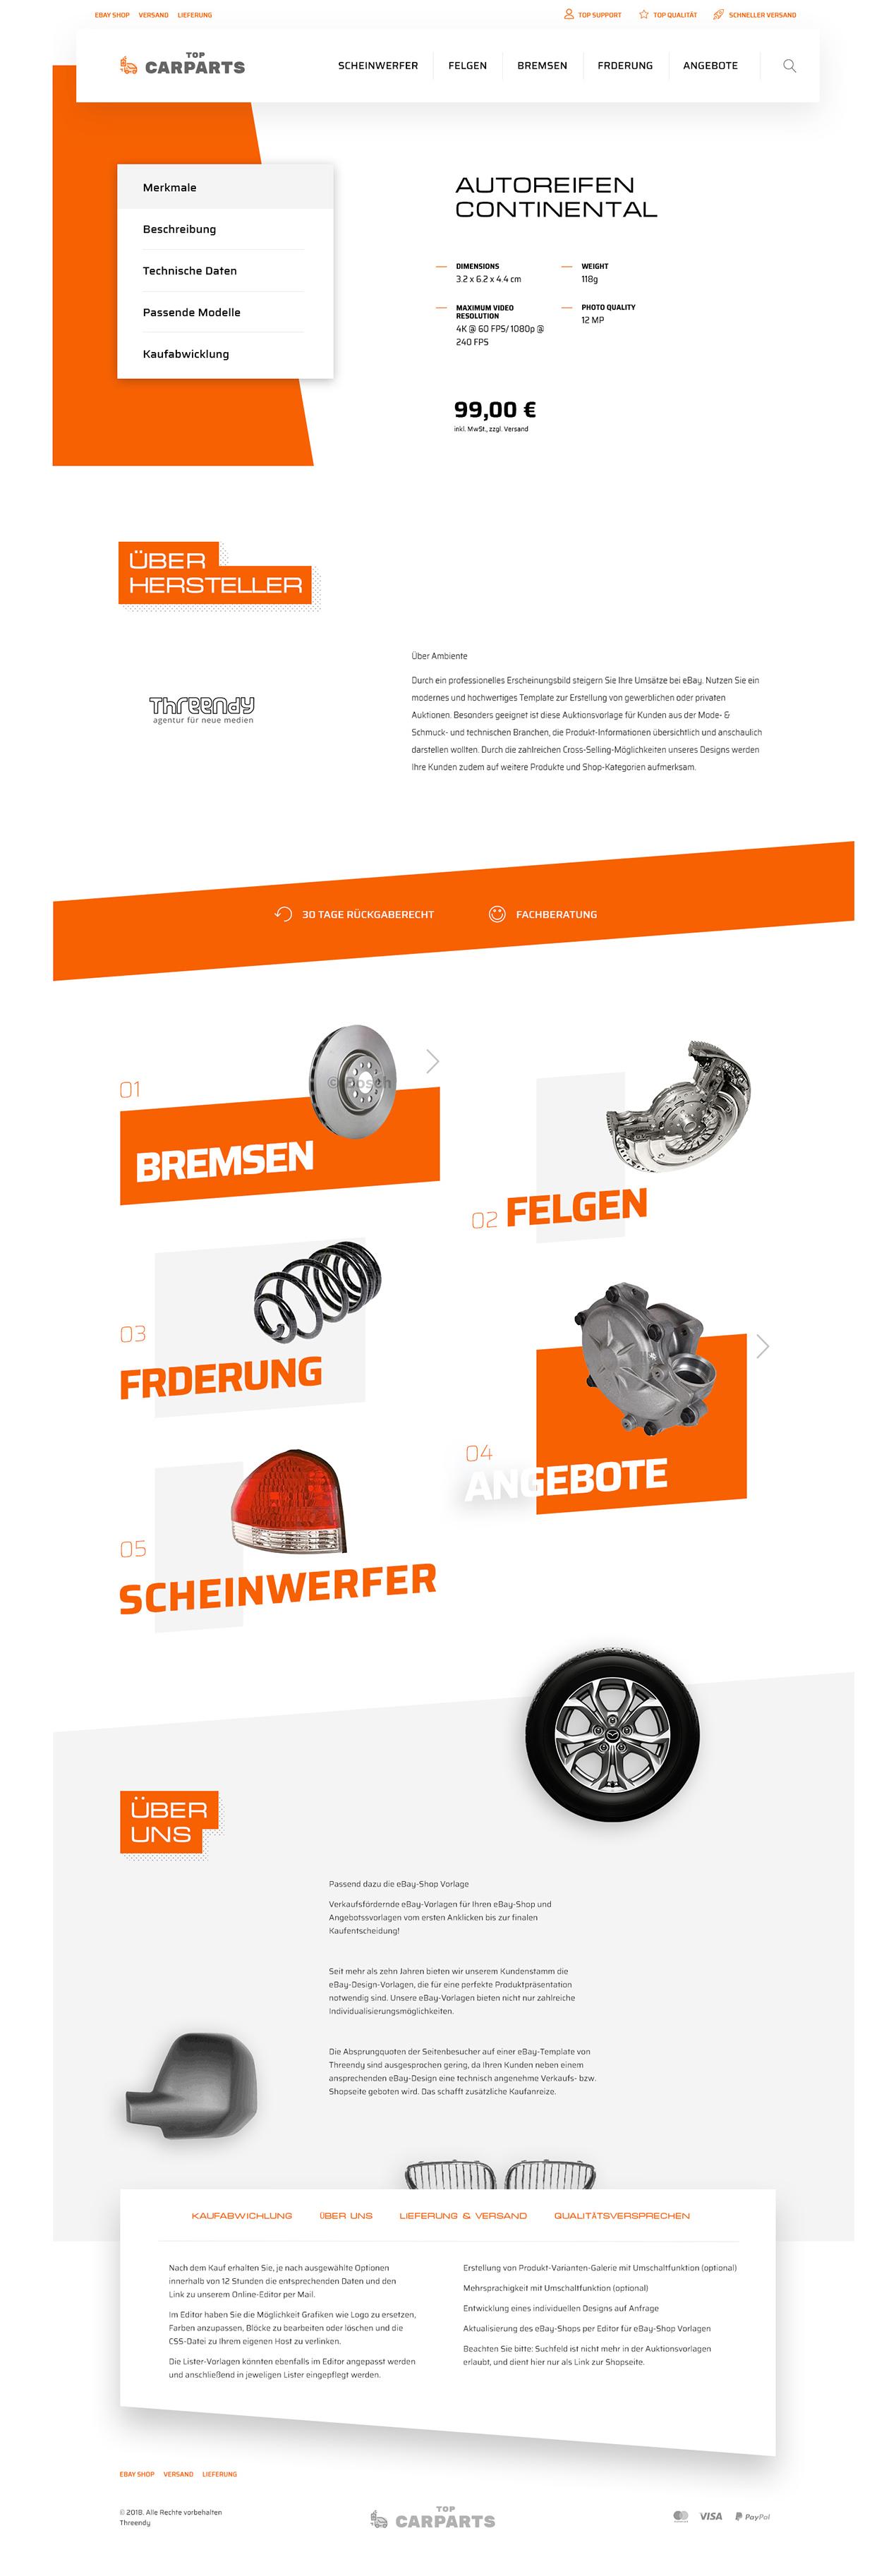 eBayvorlage für Autoteile, KFZ, Motorrad Ersatzteile Auktionsvorlage ...